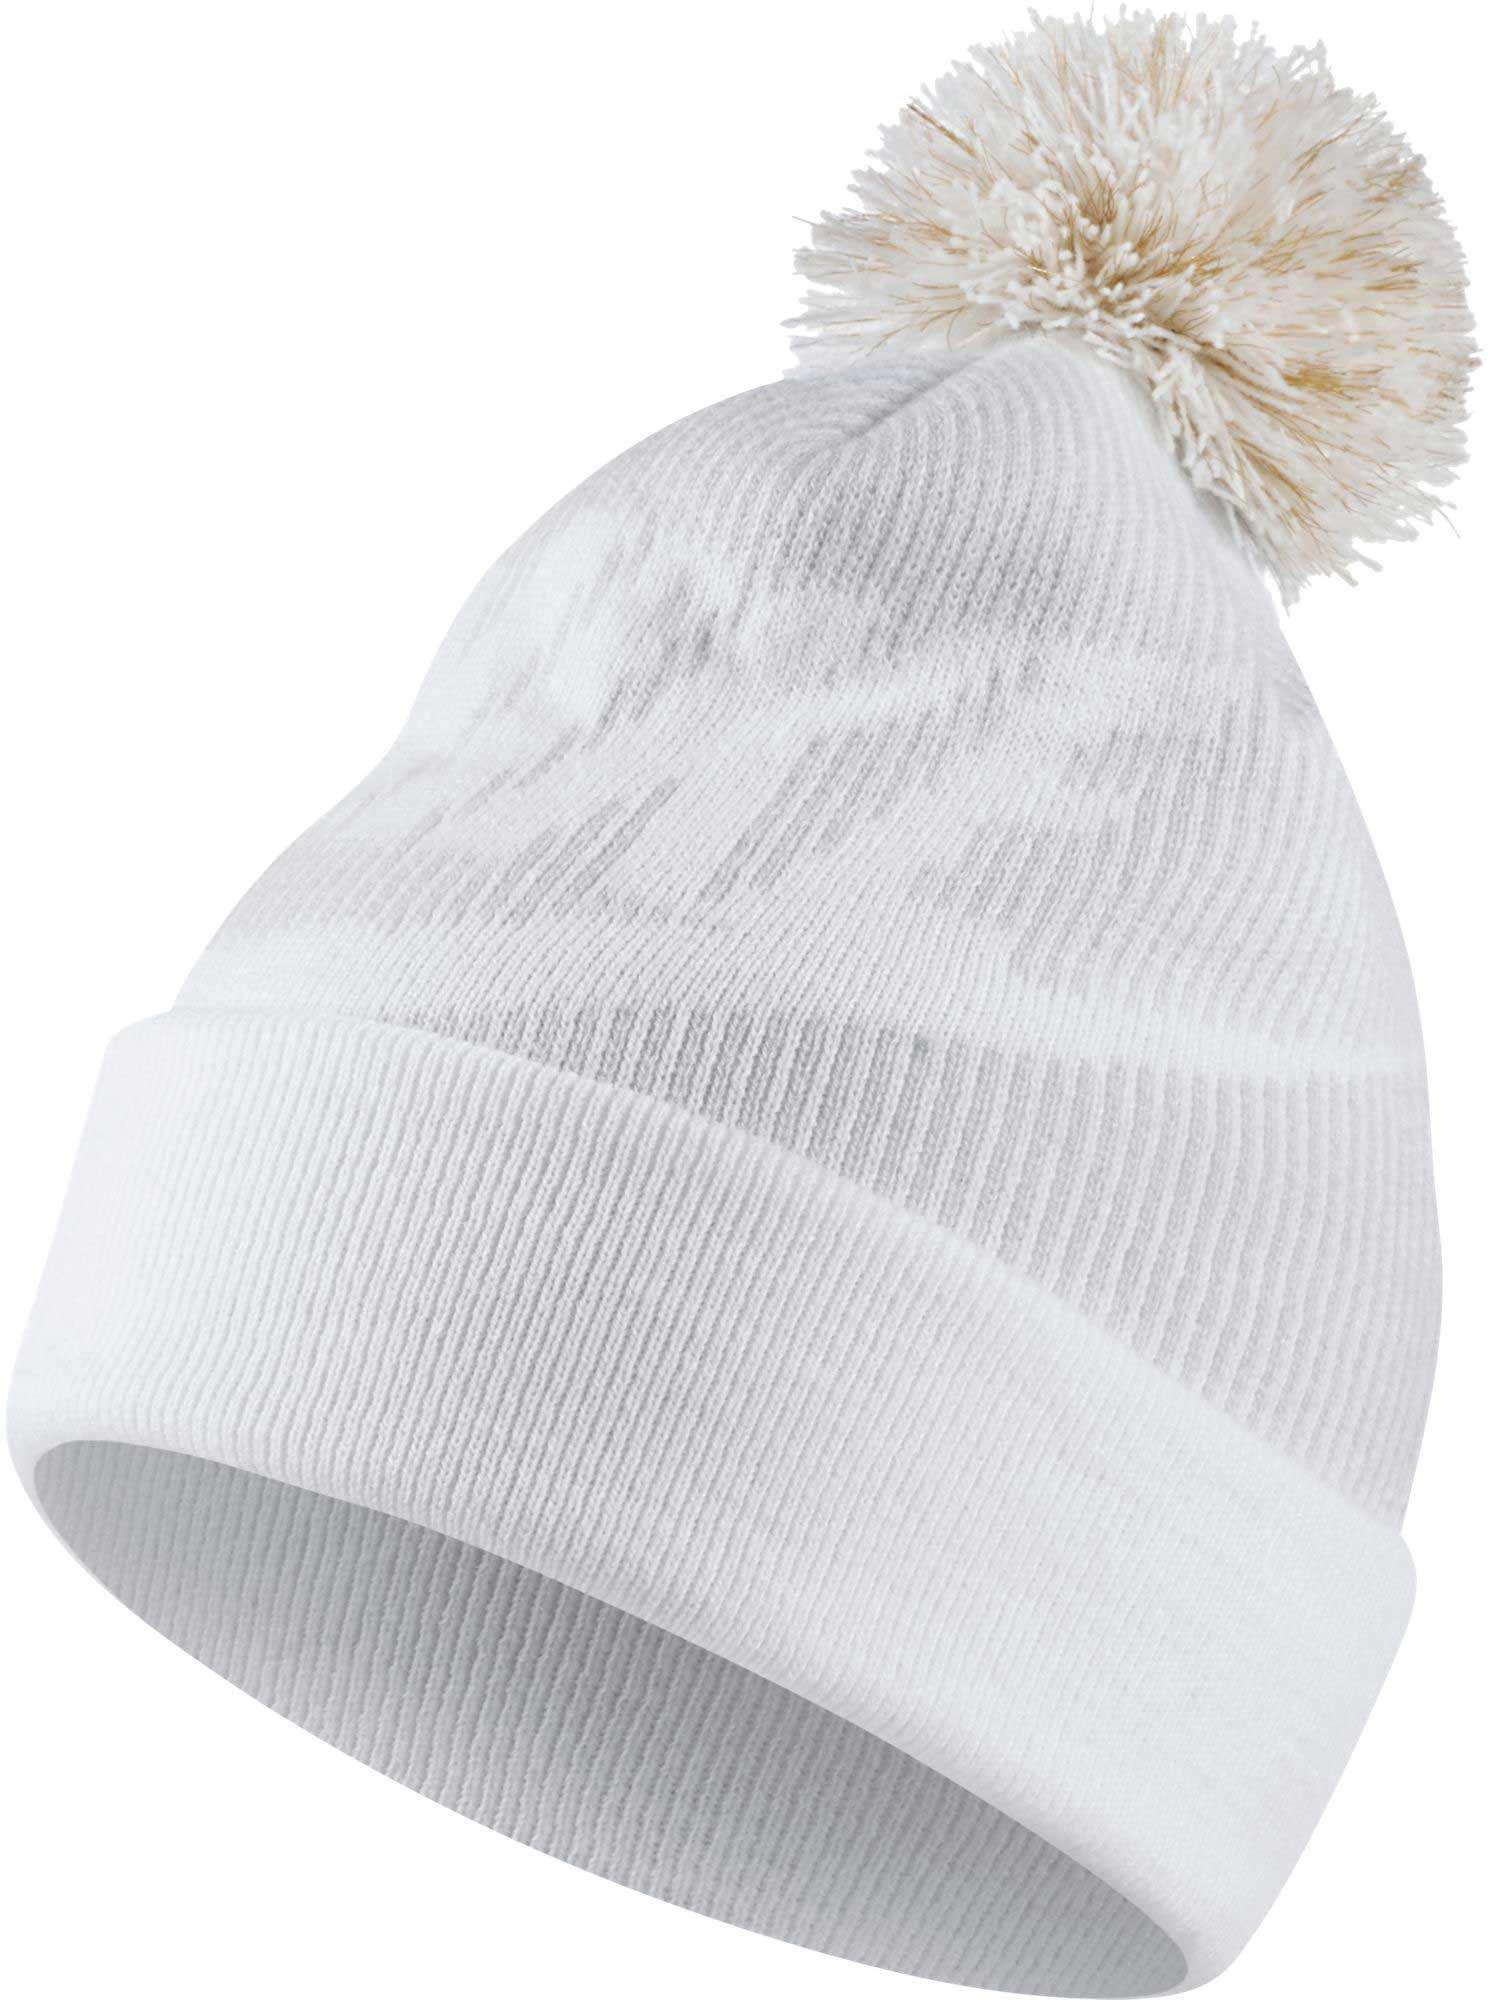 outlet store c9630 24f81 Nike. Women s Sportswear Knit Beanie